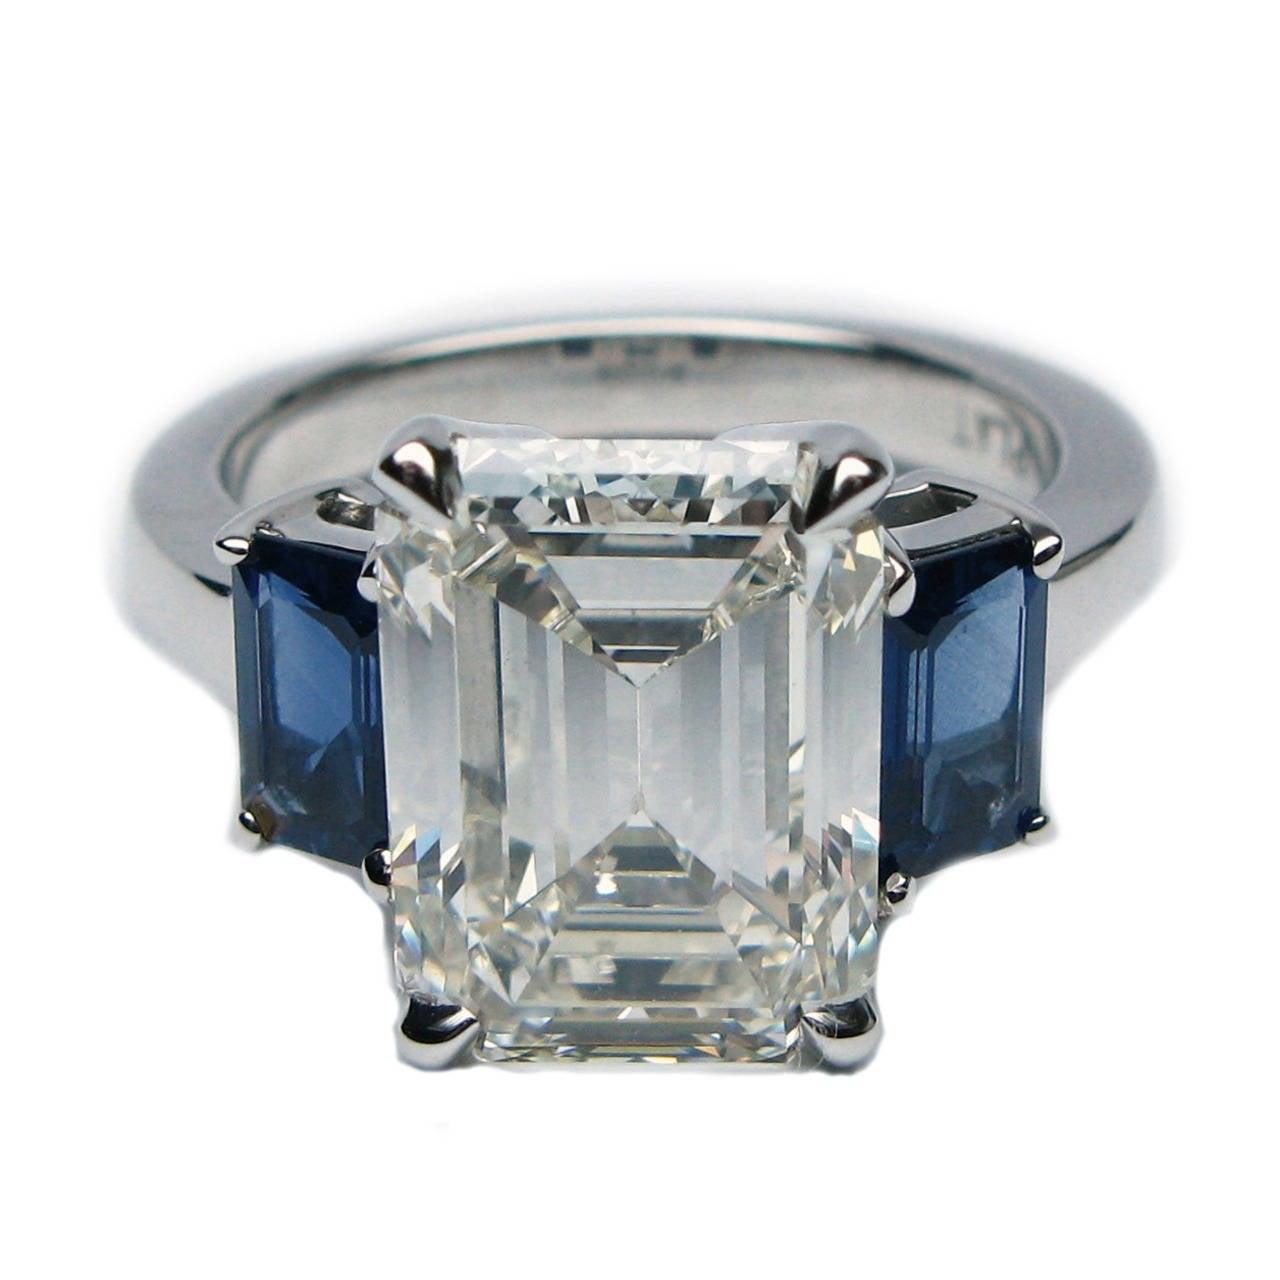 493 Carat Emerald Cut Diamond Blue Sapphire Ring 1